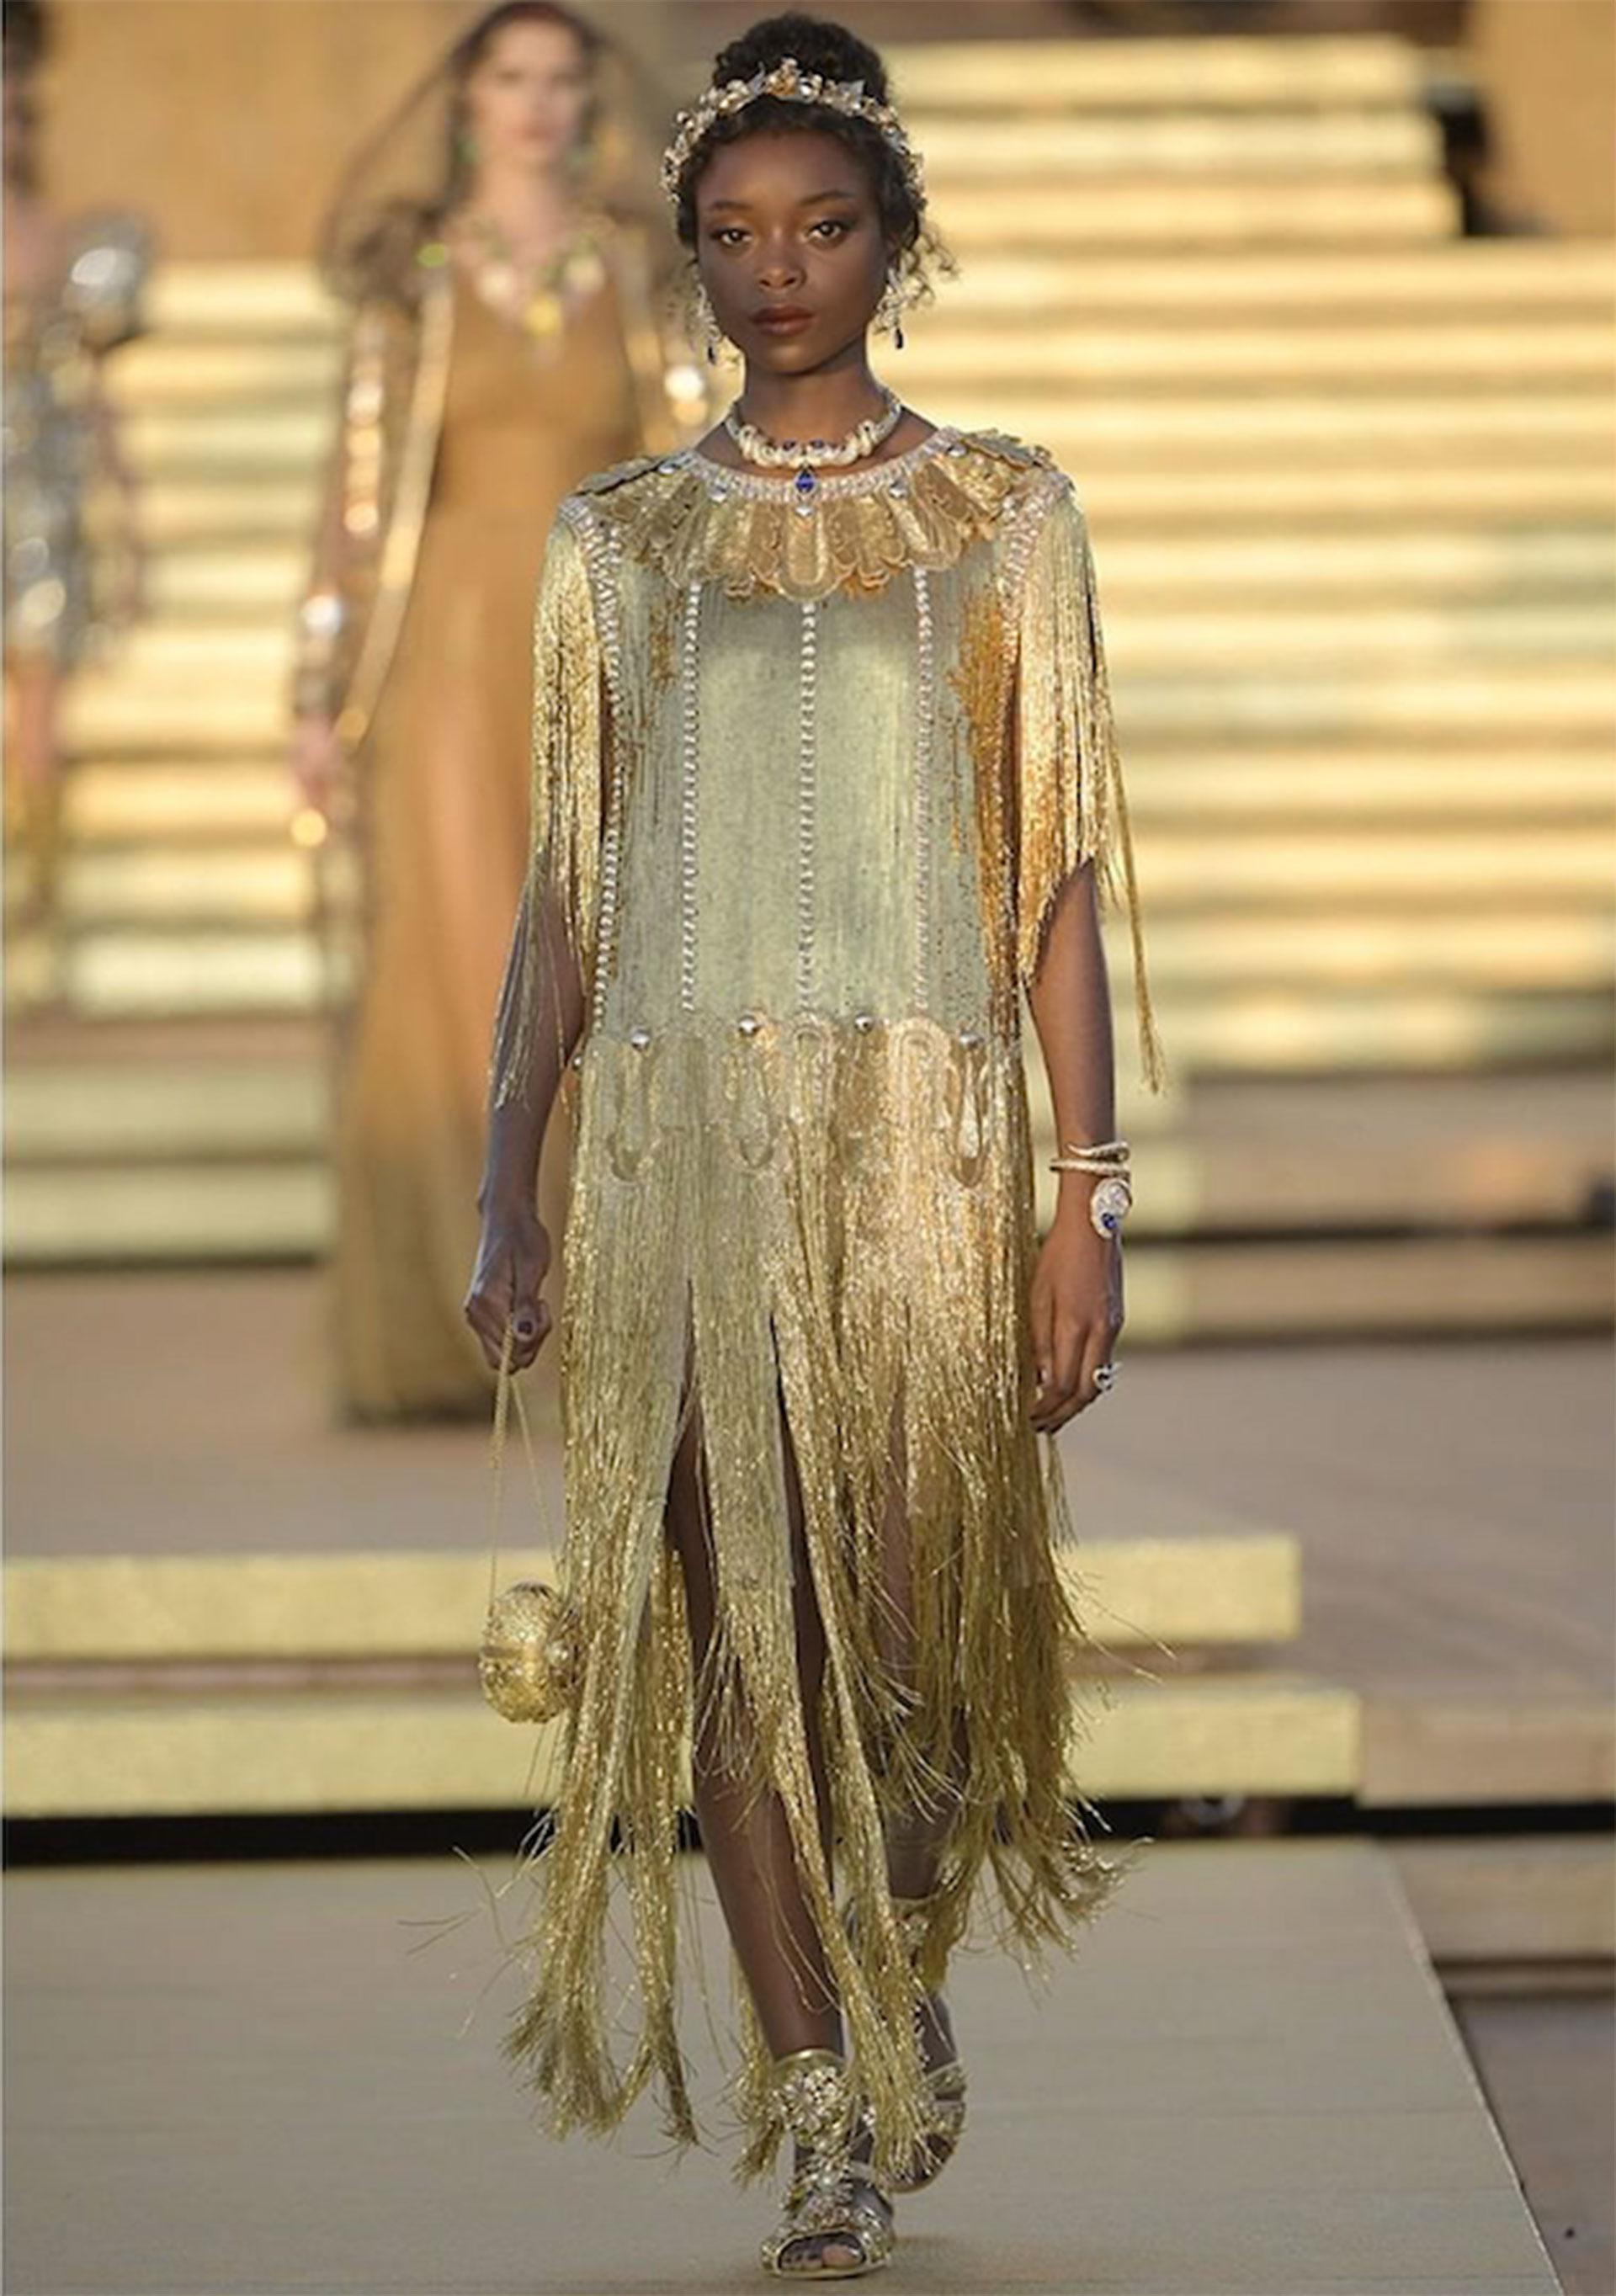 Vestido de georgette bordado con lentejuelas y cristales. Los bordes, detalles y flecos están adornados con cuentas de corneta.